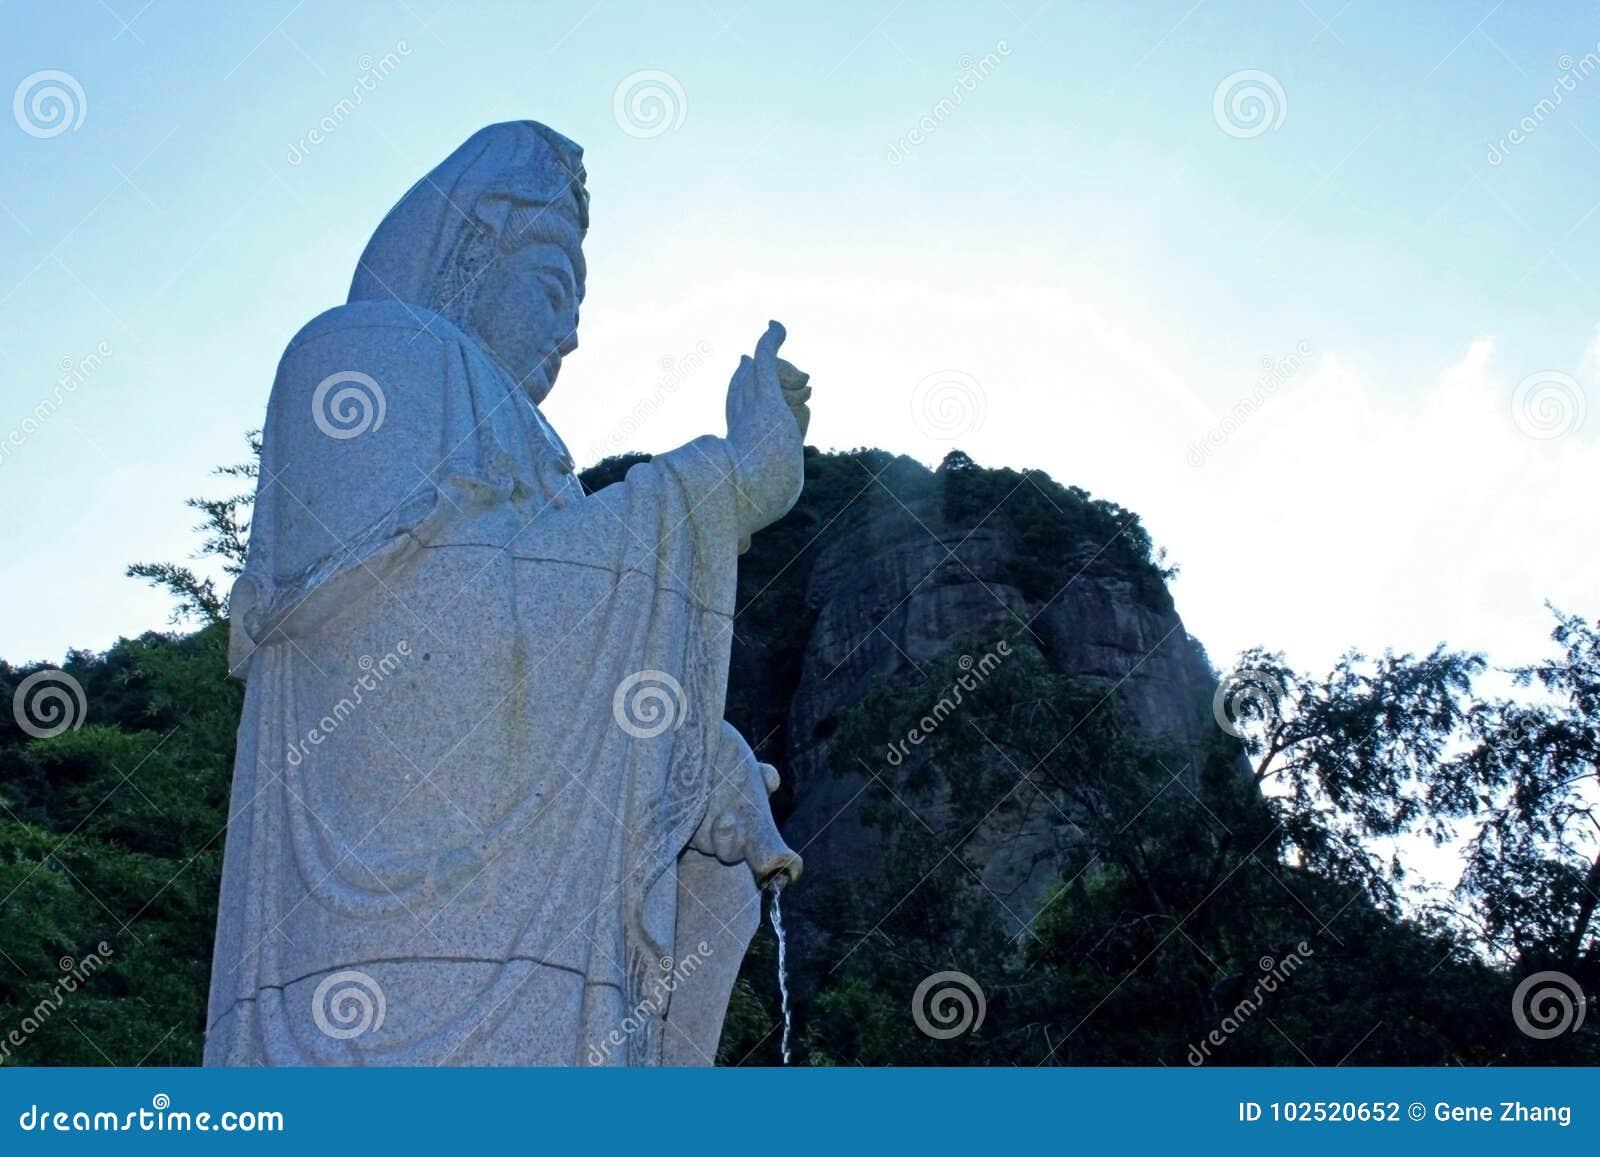 Status of Guanyin Buddha